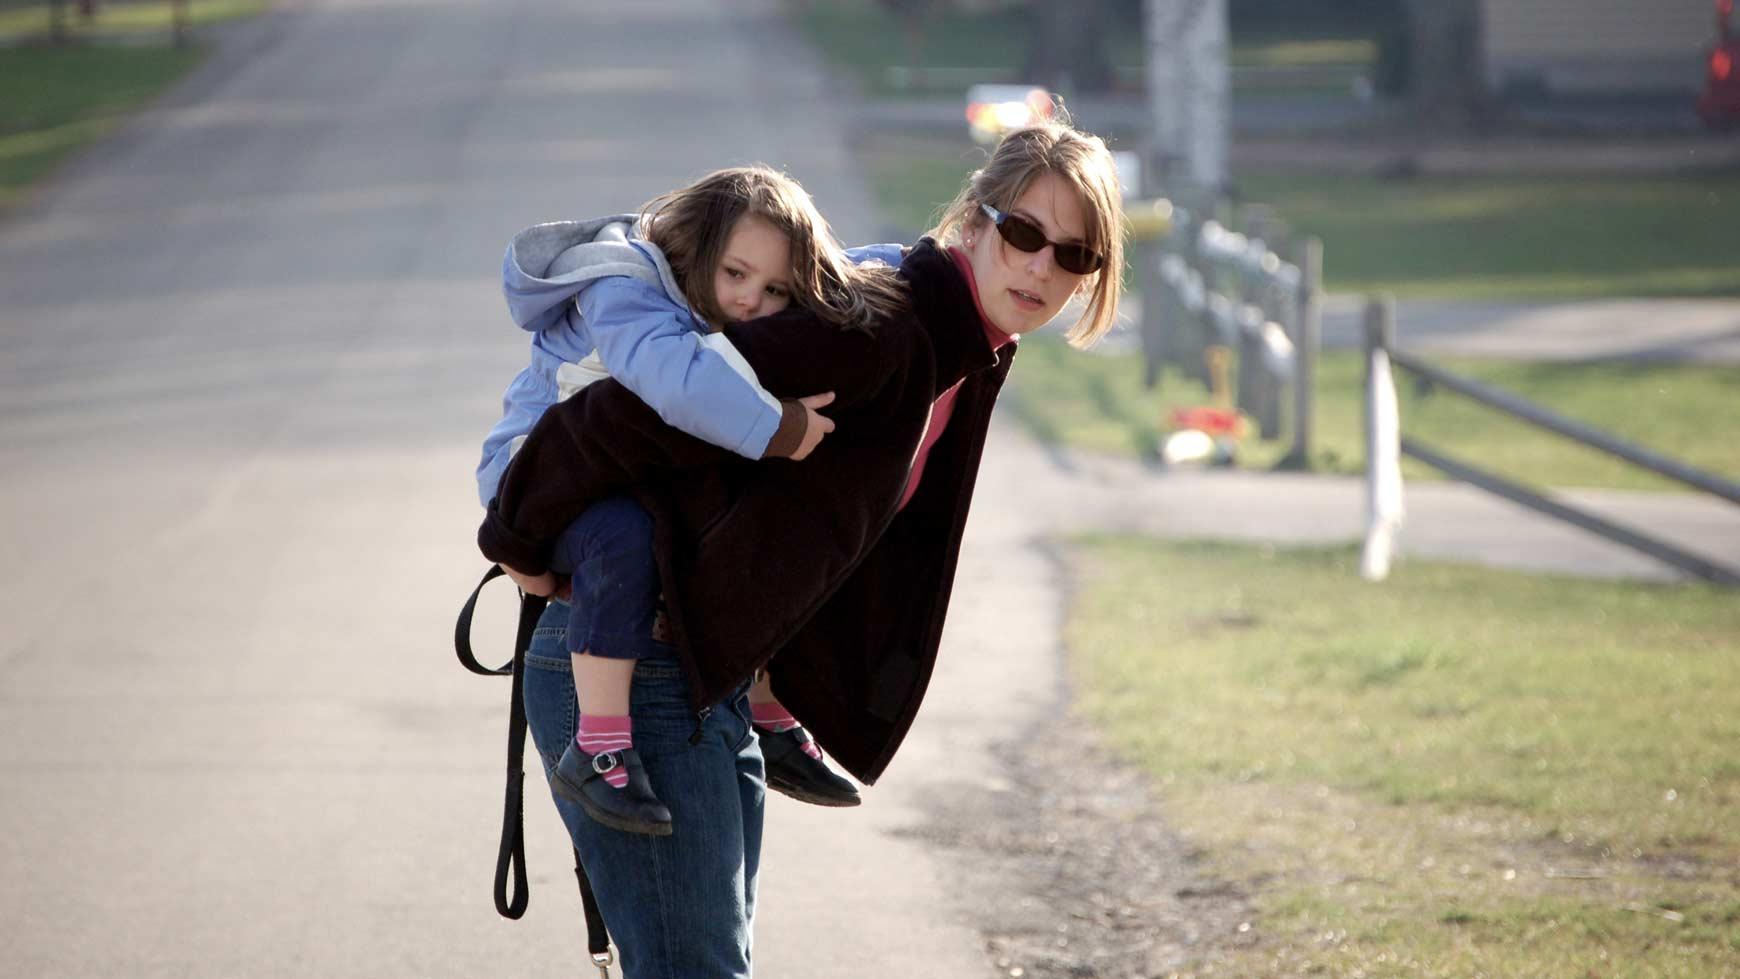 Кэри Рэдиган: «Матери отлично знакомы с рынком чувства вины, о котором не пишут в газетах»